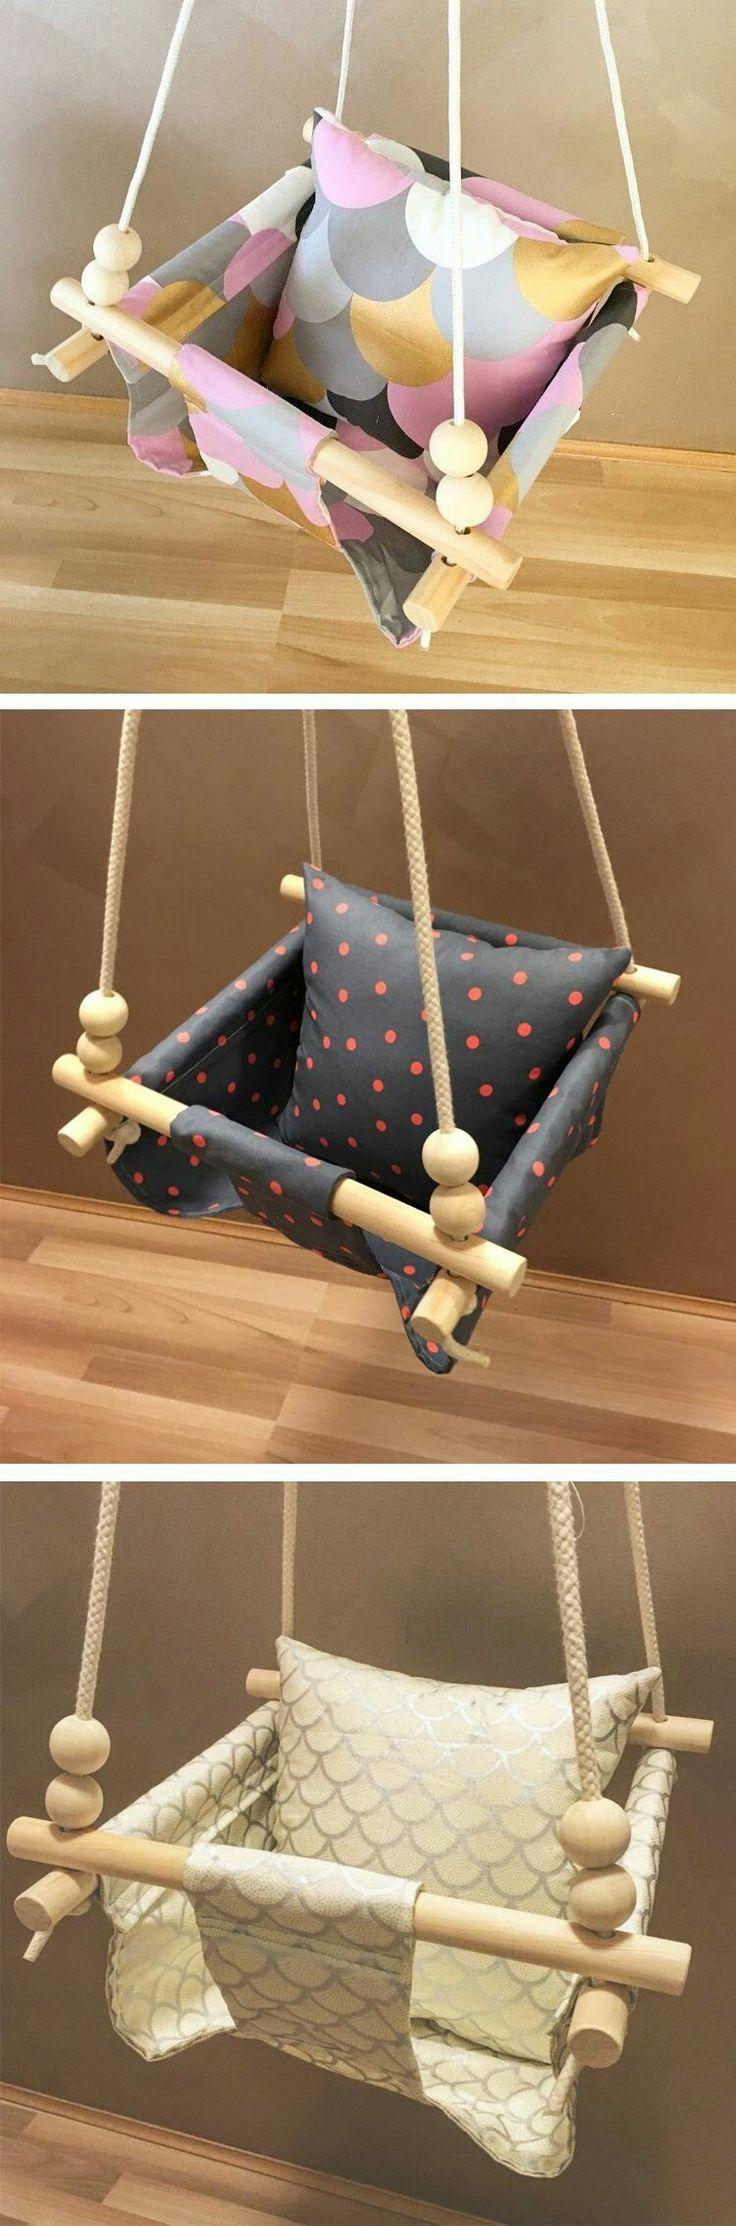 Swing-Modelle für Babys zu Hause – Bedeutungen